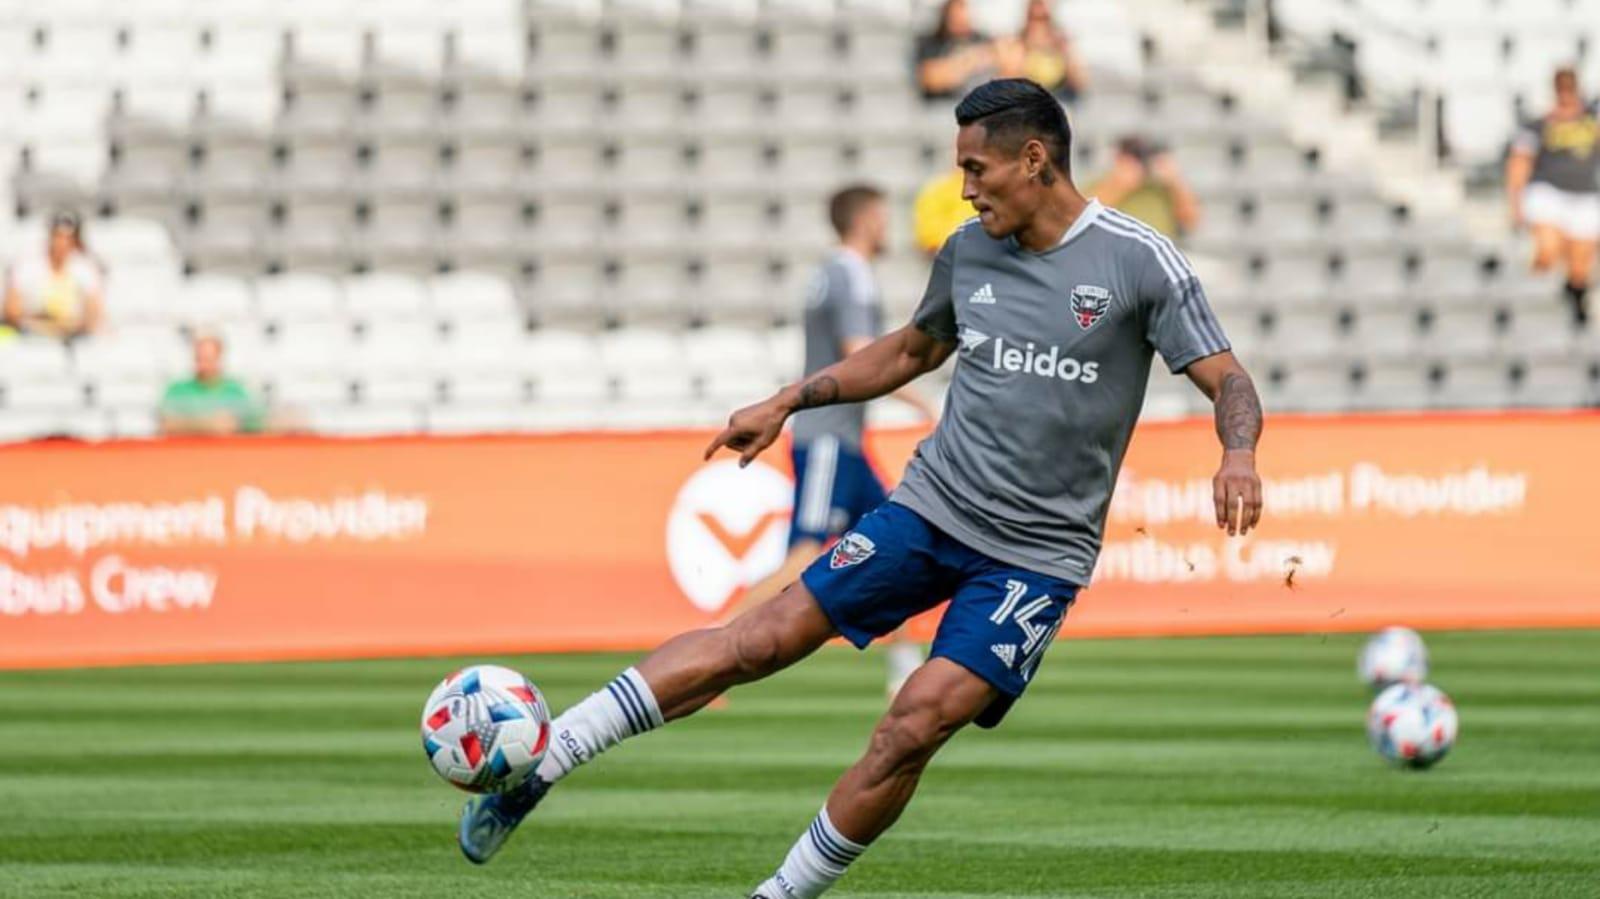 Nueva asistencia del hondureño Andy Najar con el DC United de la MLS